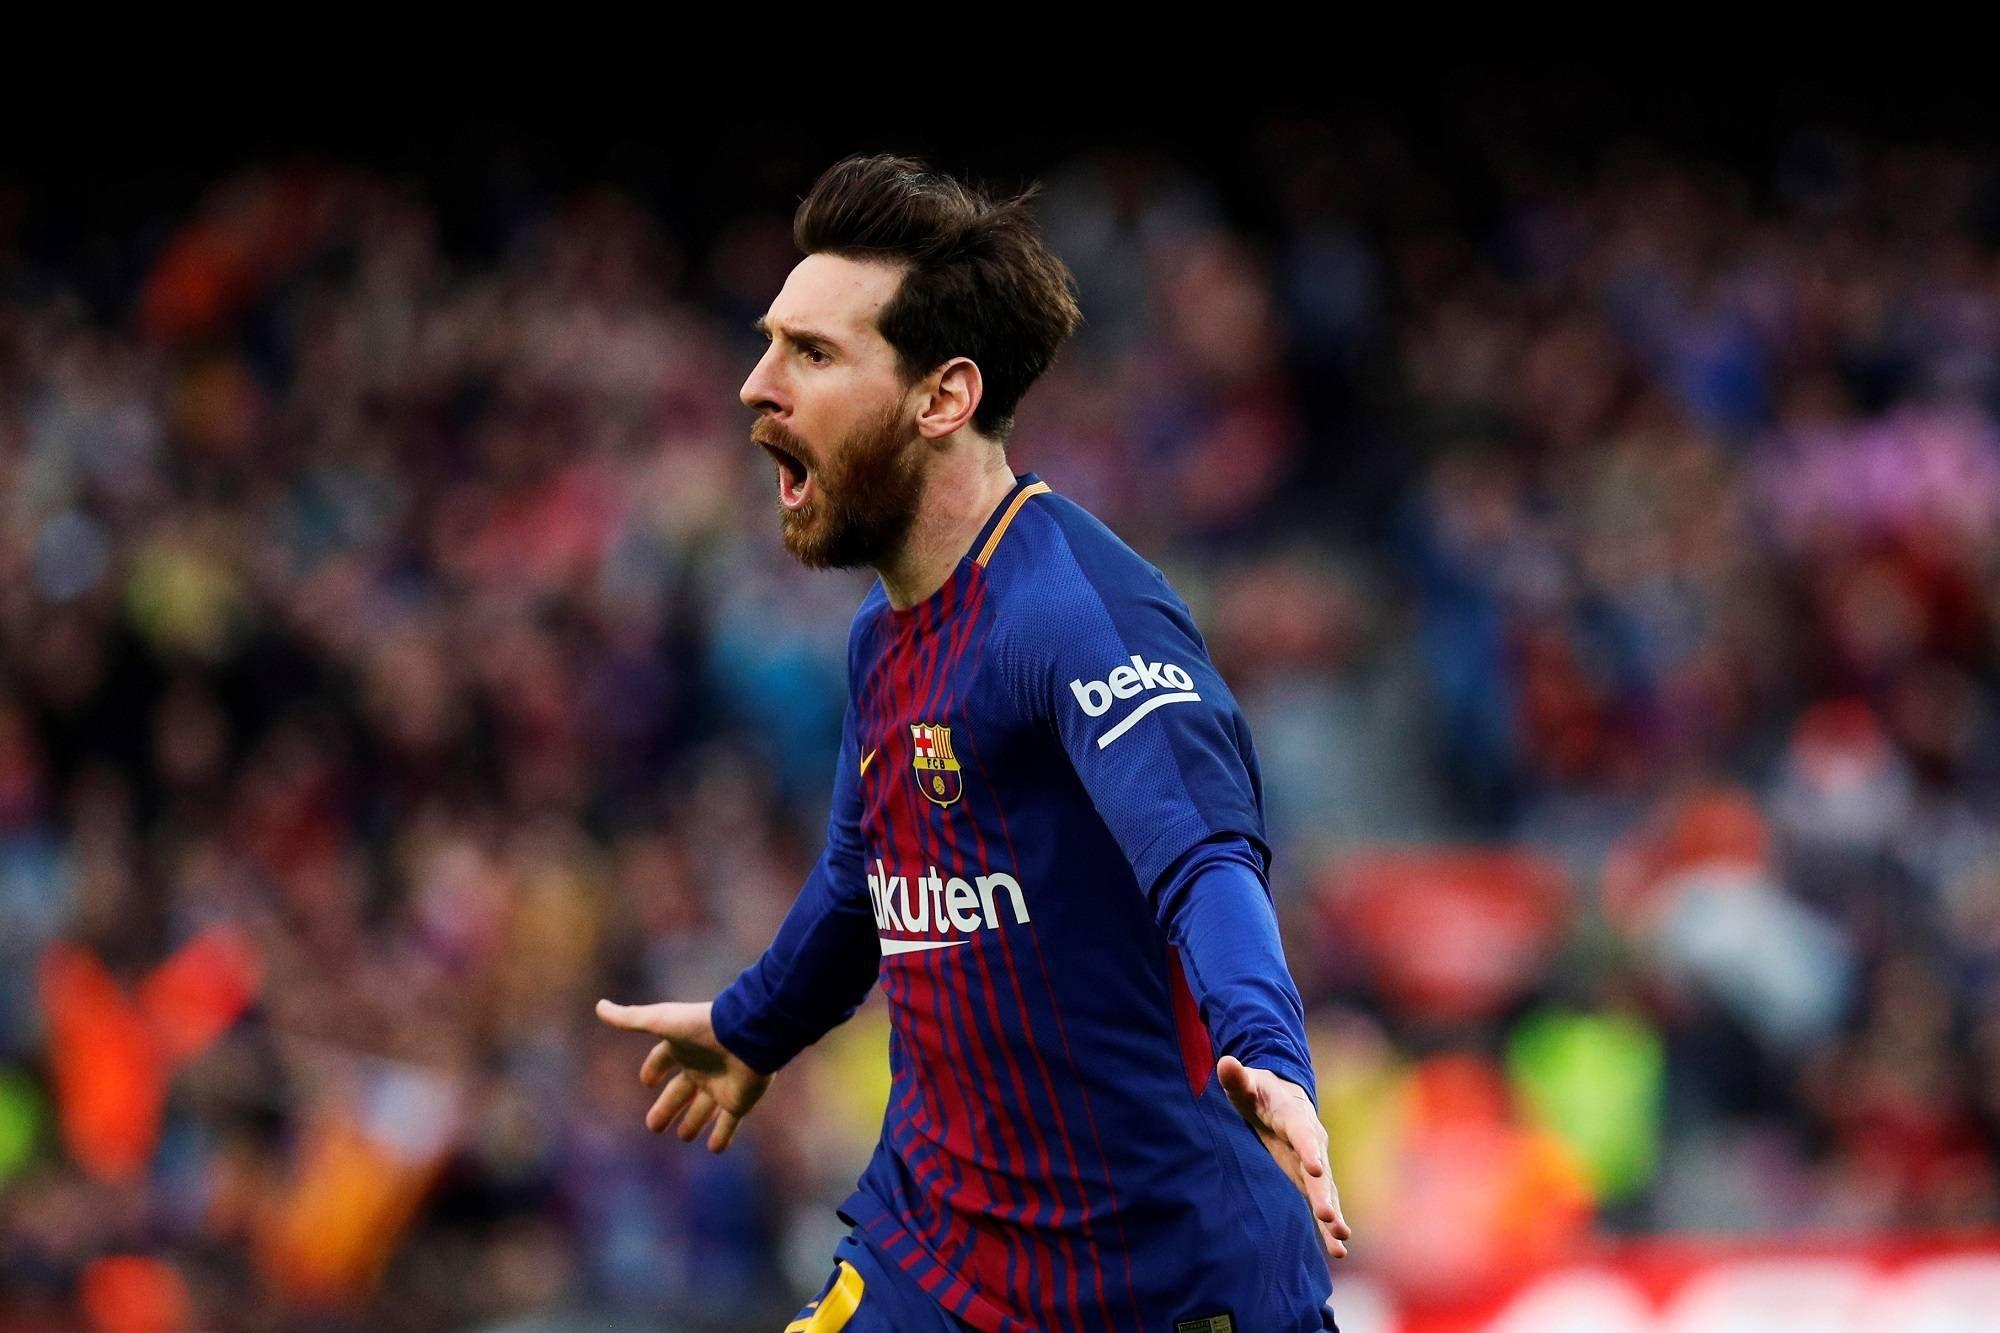 برشلونة يفوز على رايو فاليكانو بثلاية لهدف